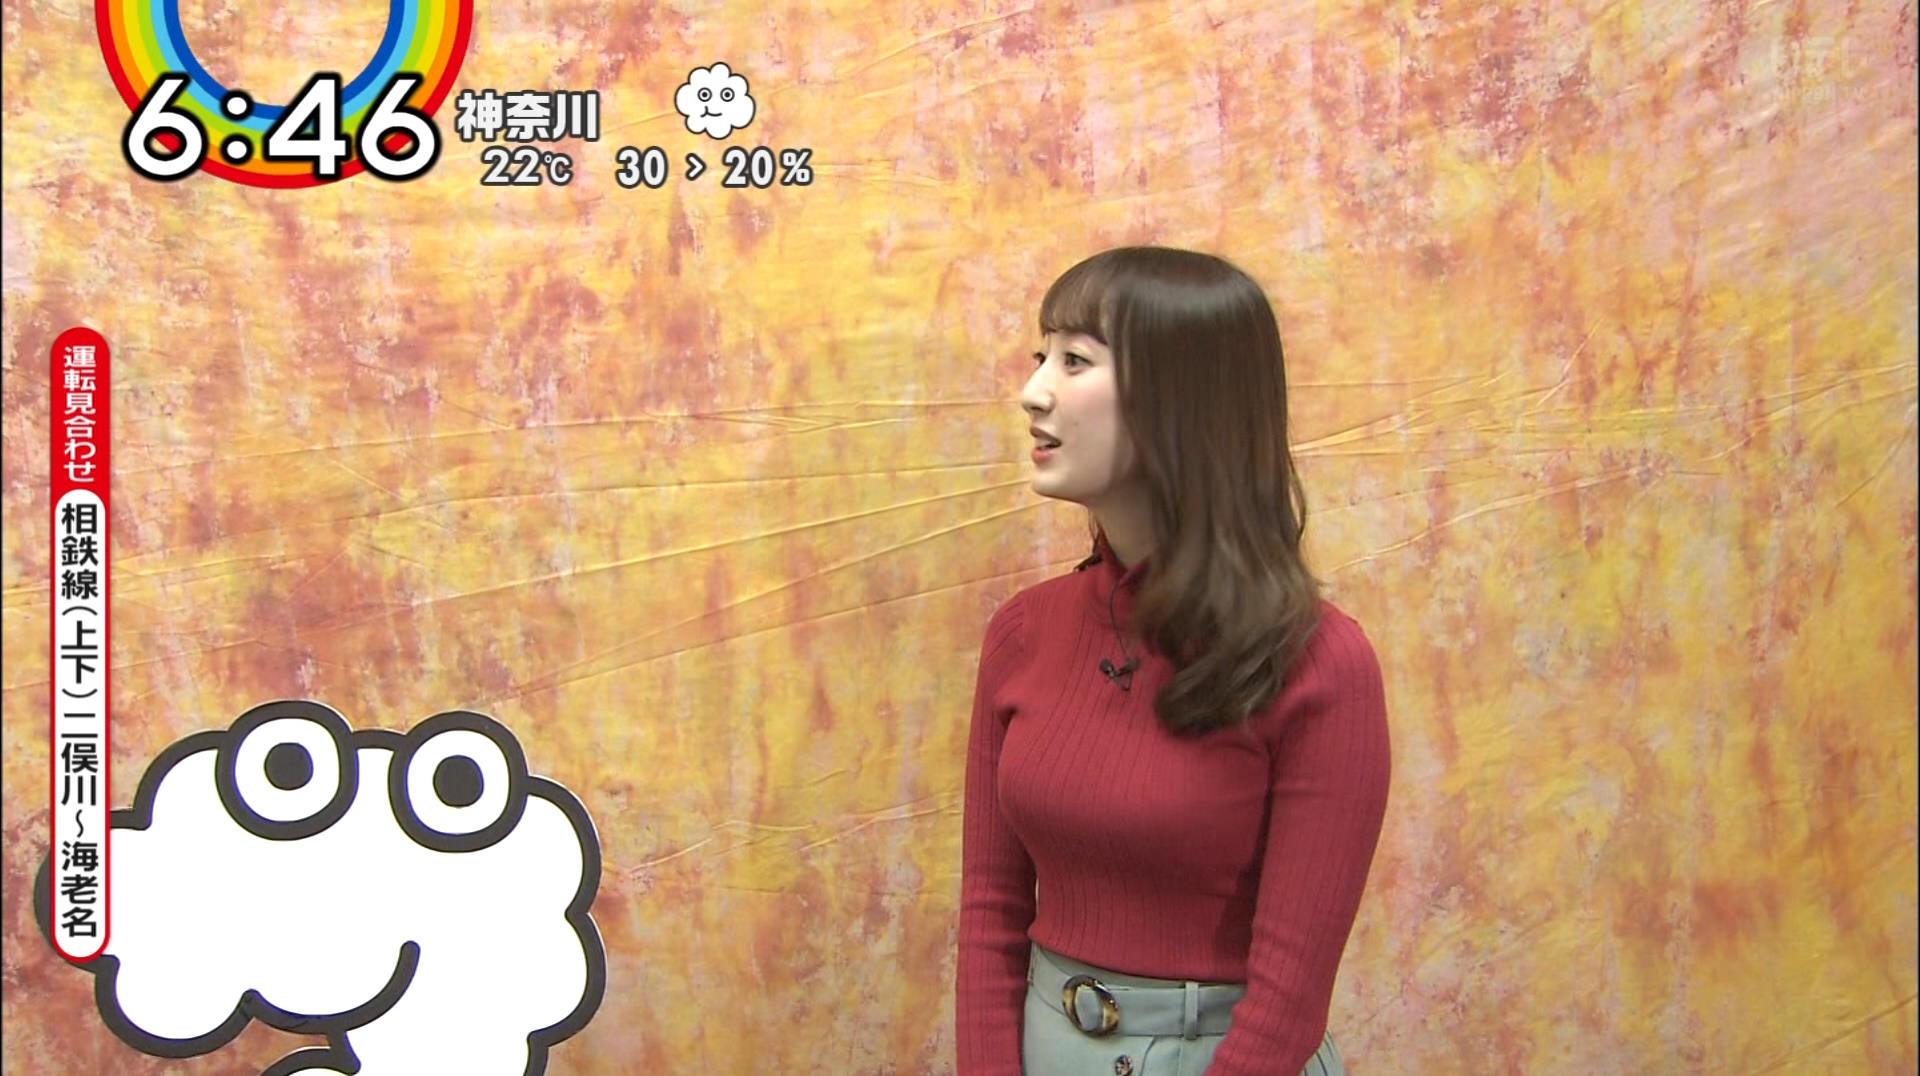 團遥香ほか 凶悪なニットお乳&疑似フェラチオ素材「ZIP☆」色っぽい写真まとめ